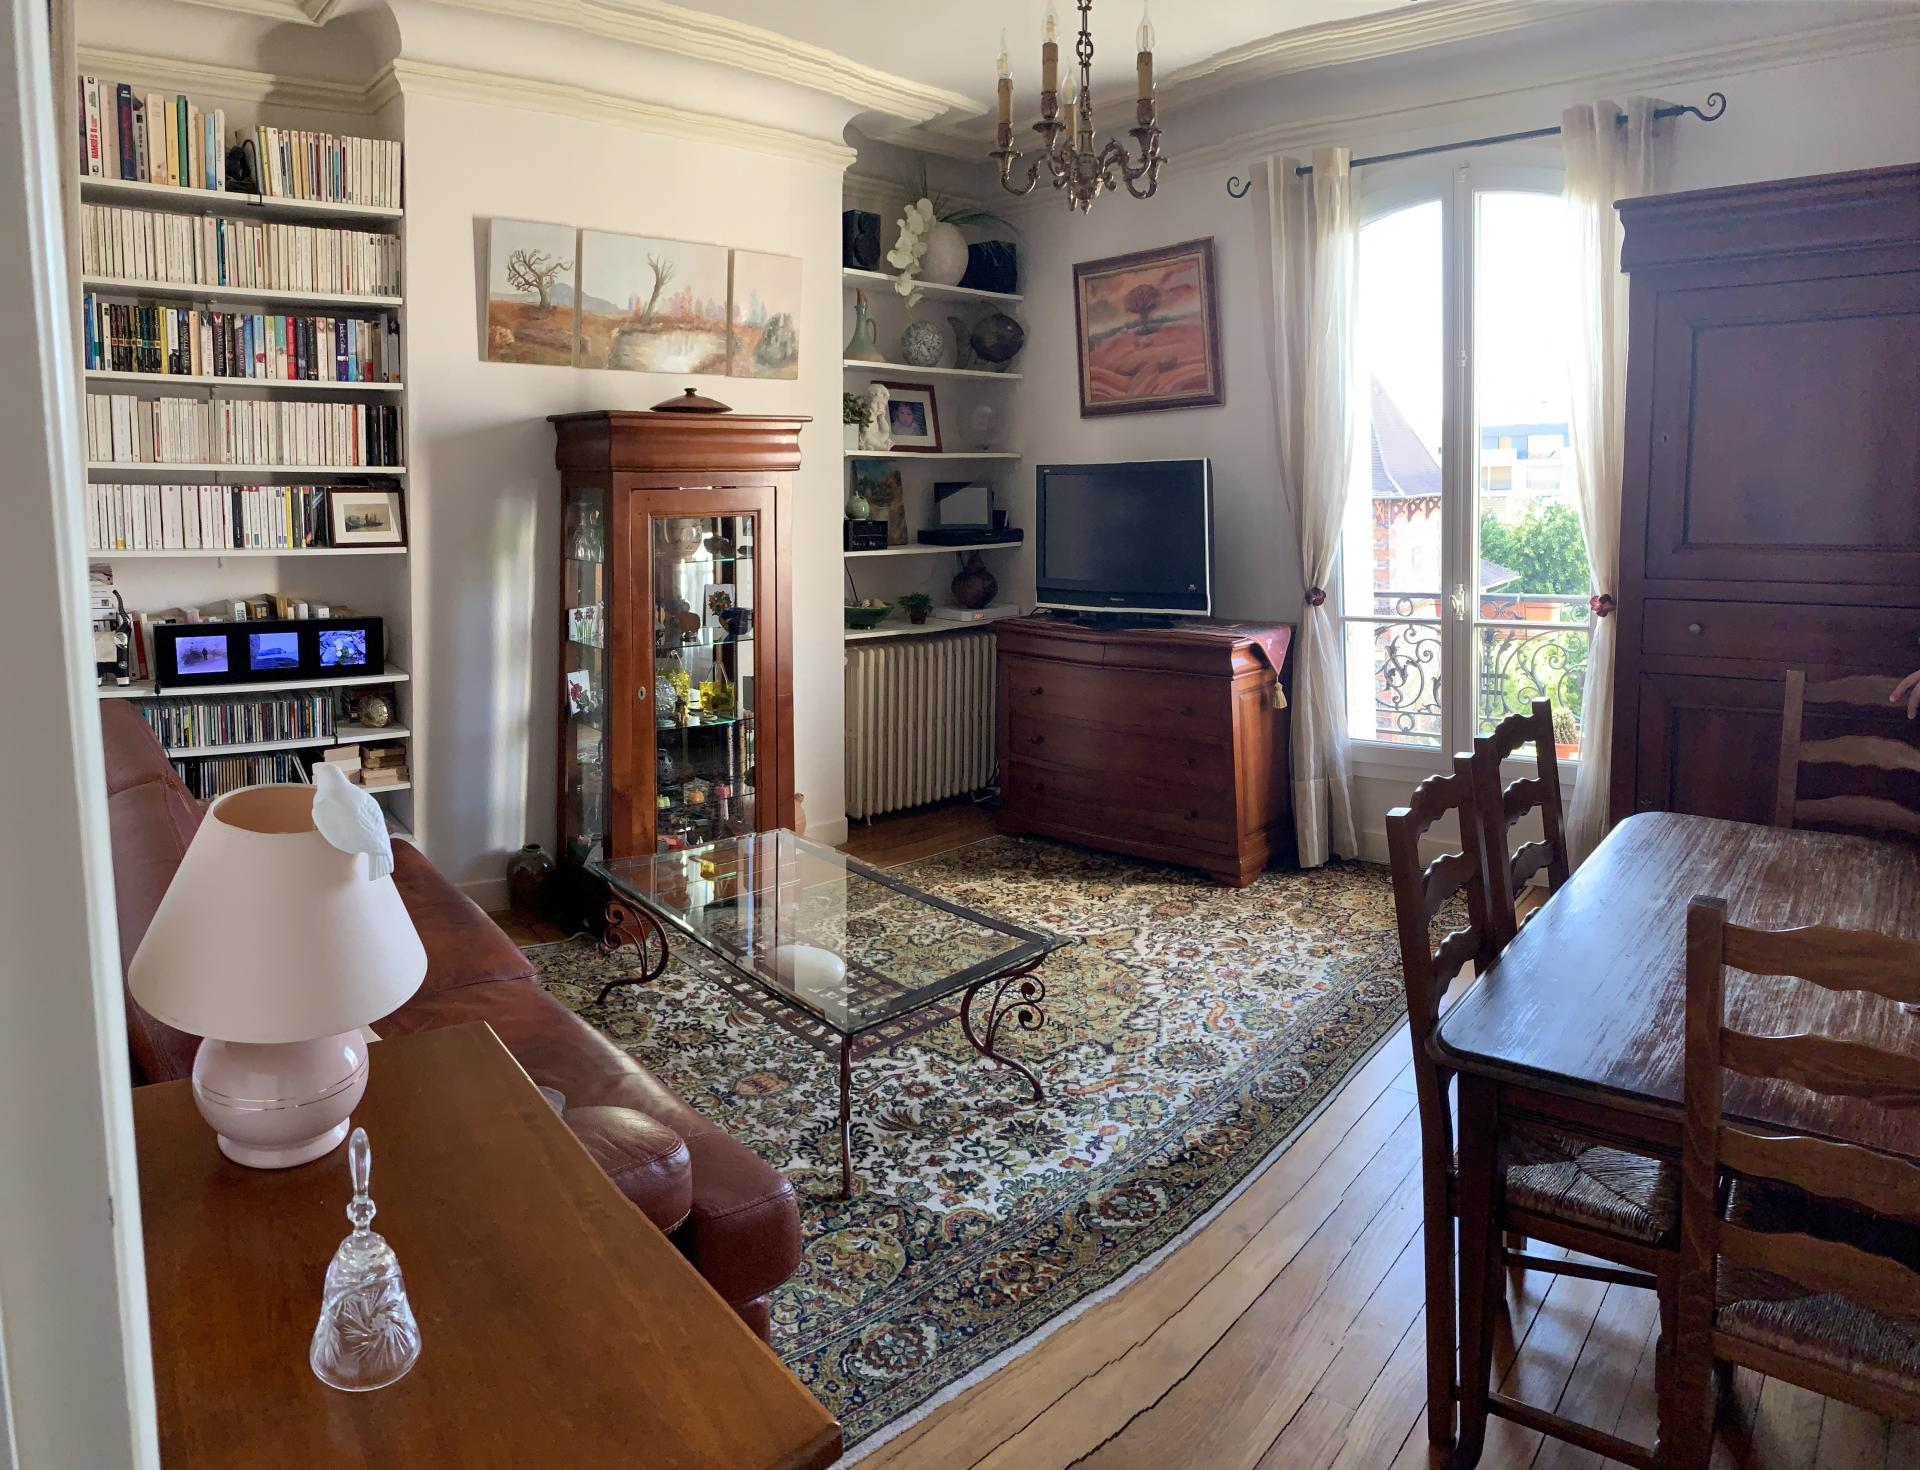 Appartement 3 pièces a proximité immédiate de la mairie de Saint-Maur-des-Fossés